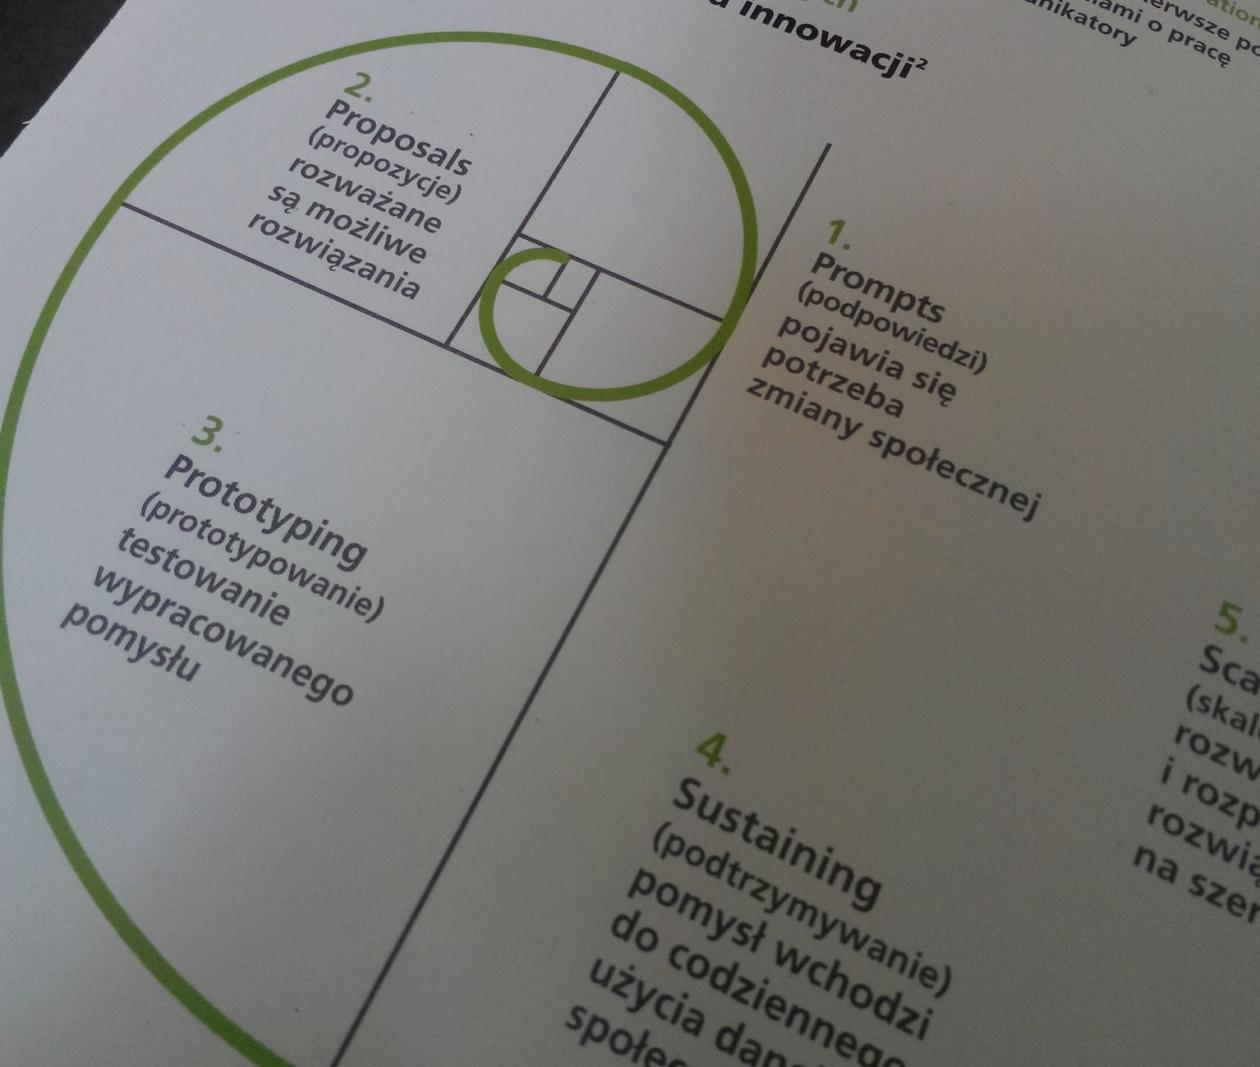 Etapy wdrażania innowacji - grafika z publikacji Foresight CSR nr 3